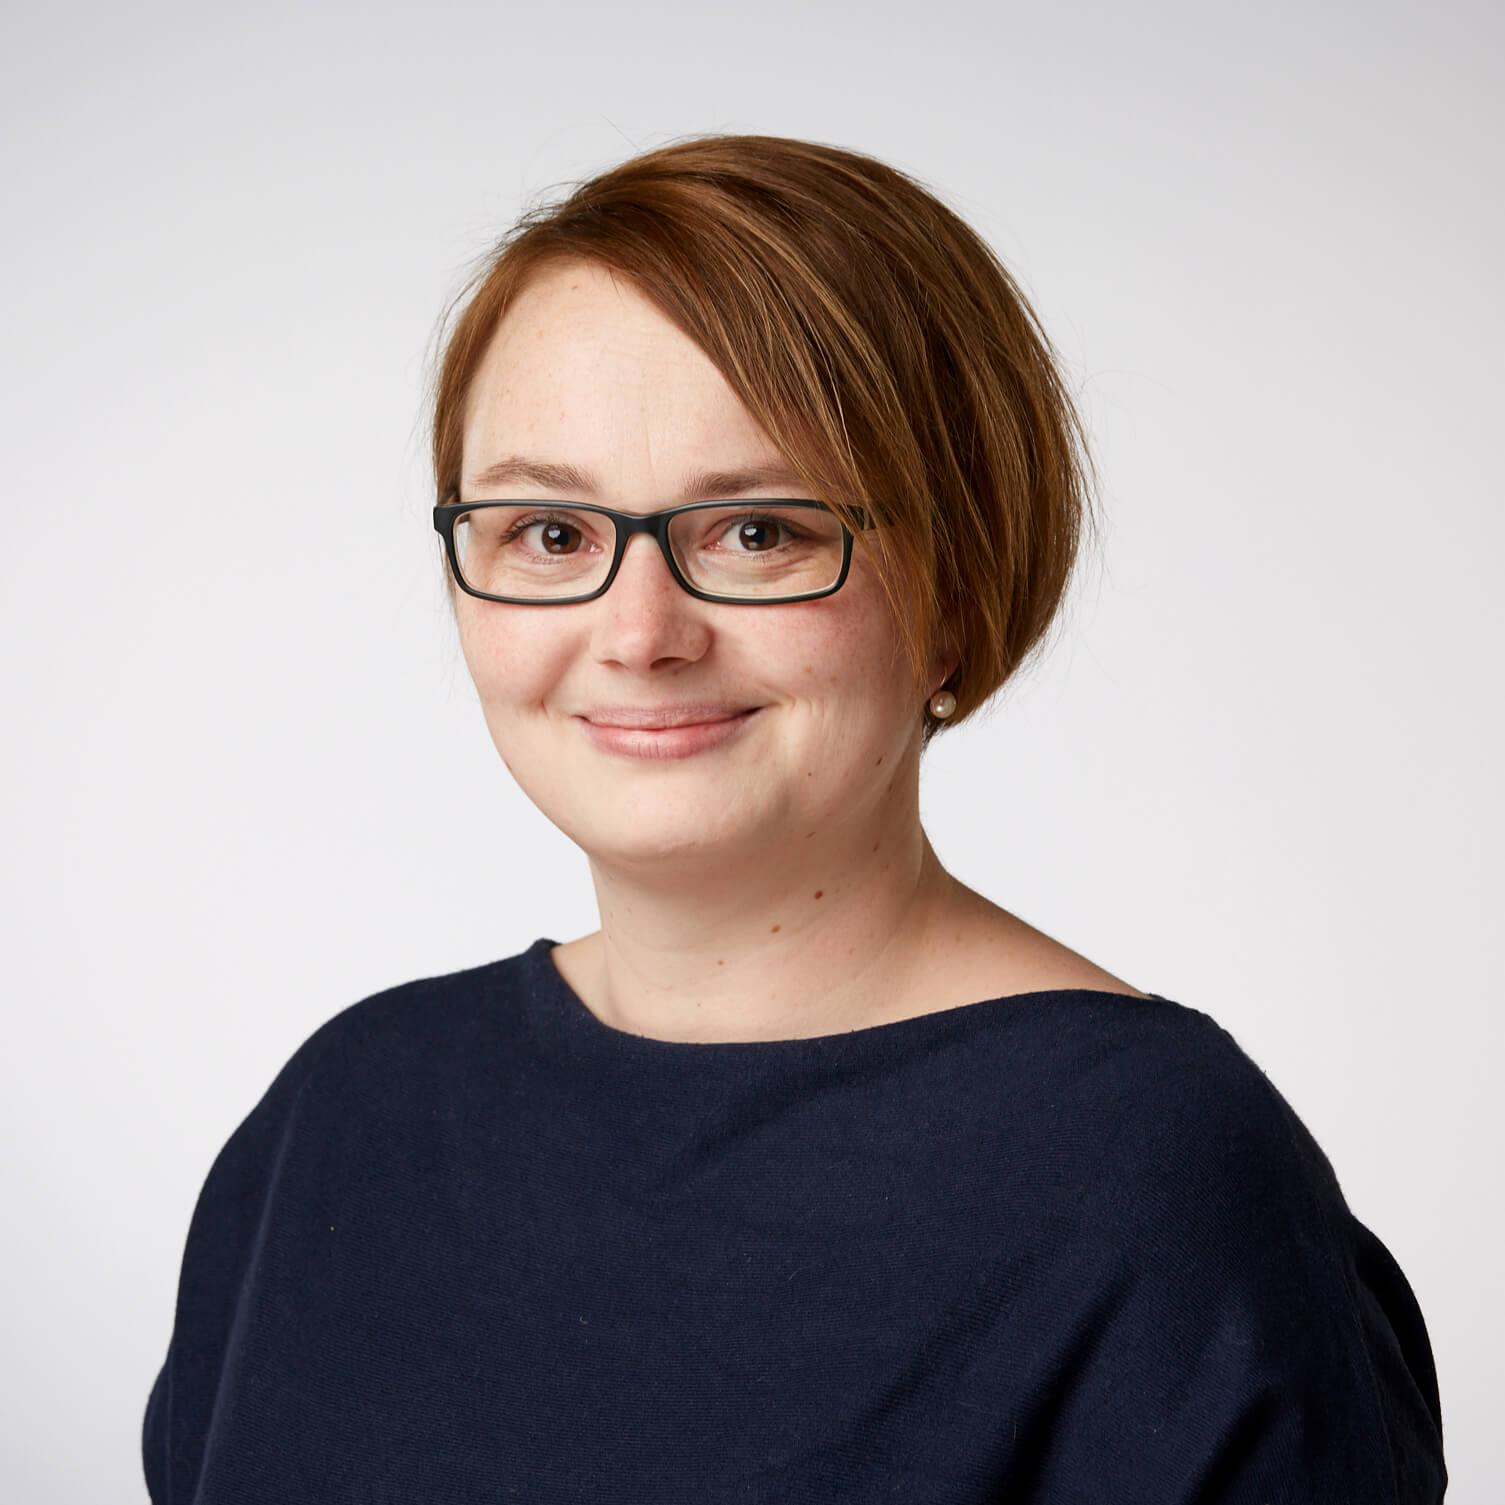 Susanne Helml